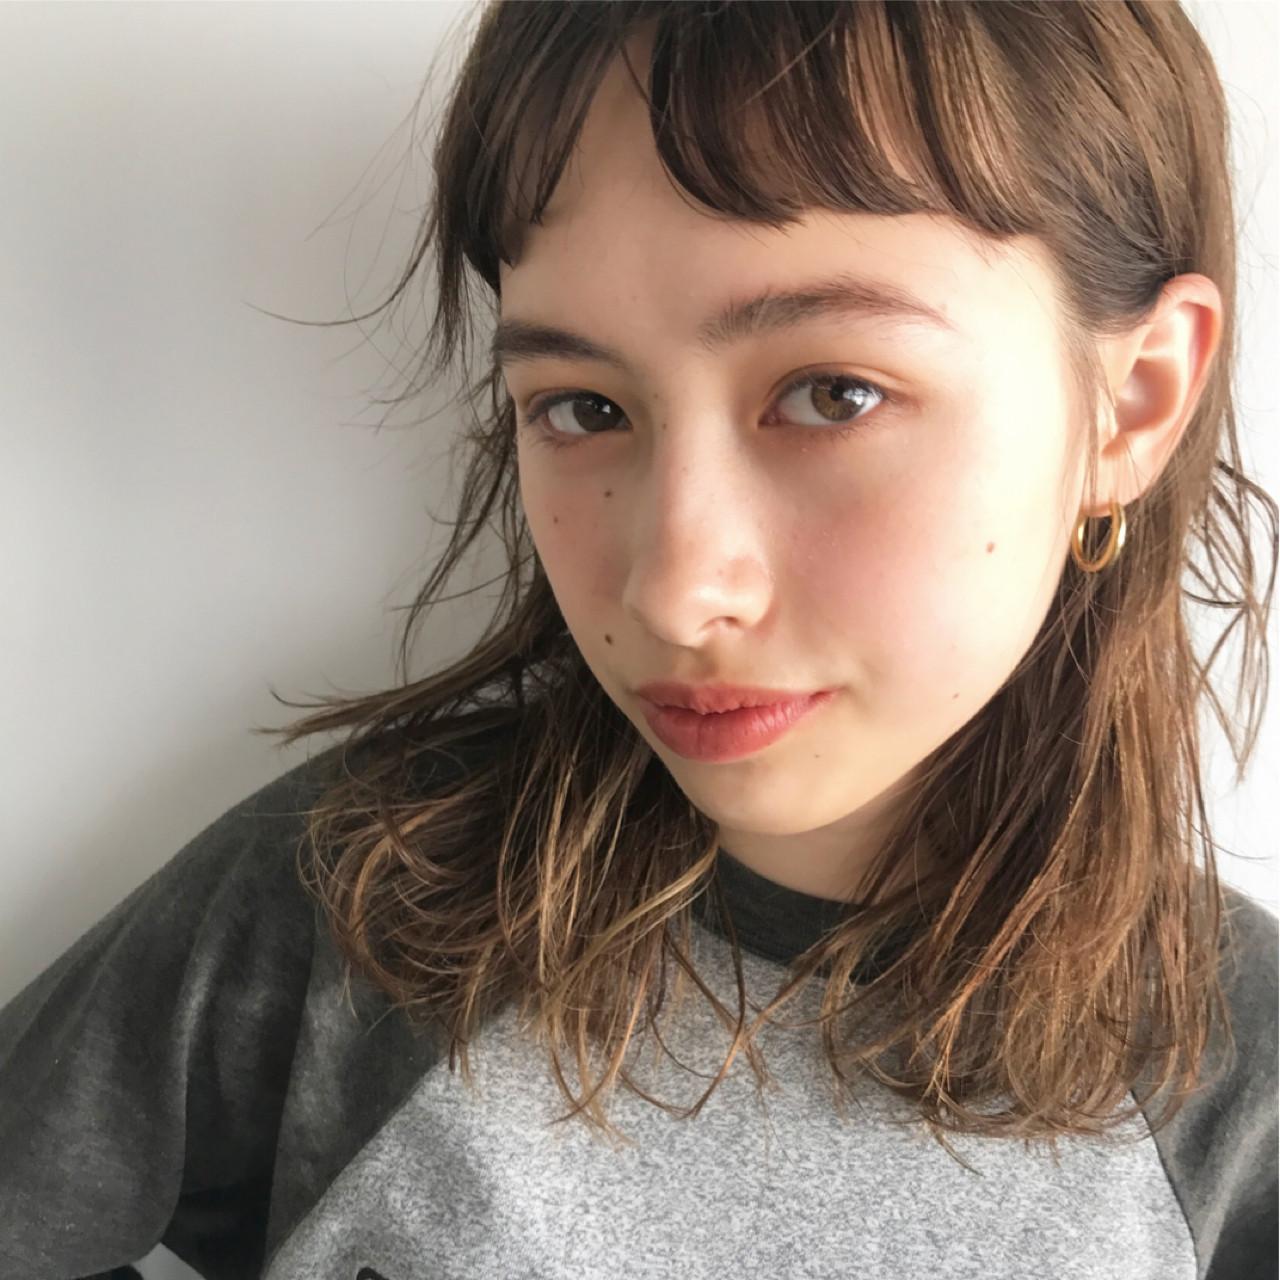 ハイライト 外国人風 ミディアム ナチュラル ヘアスタイルや髪型の写真・画像